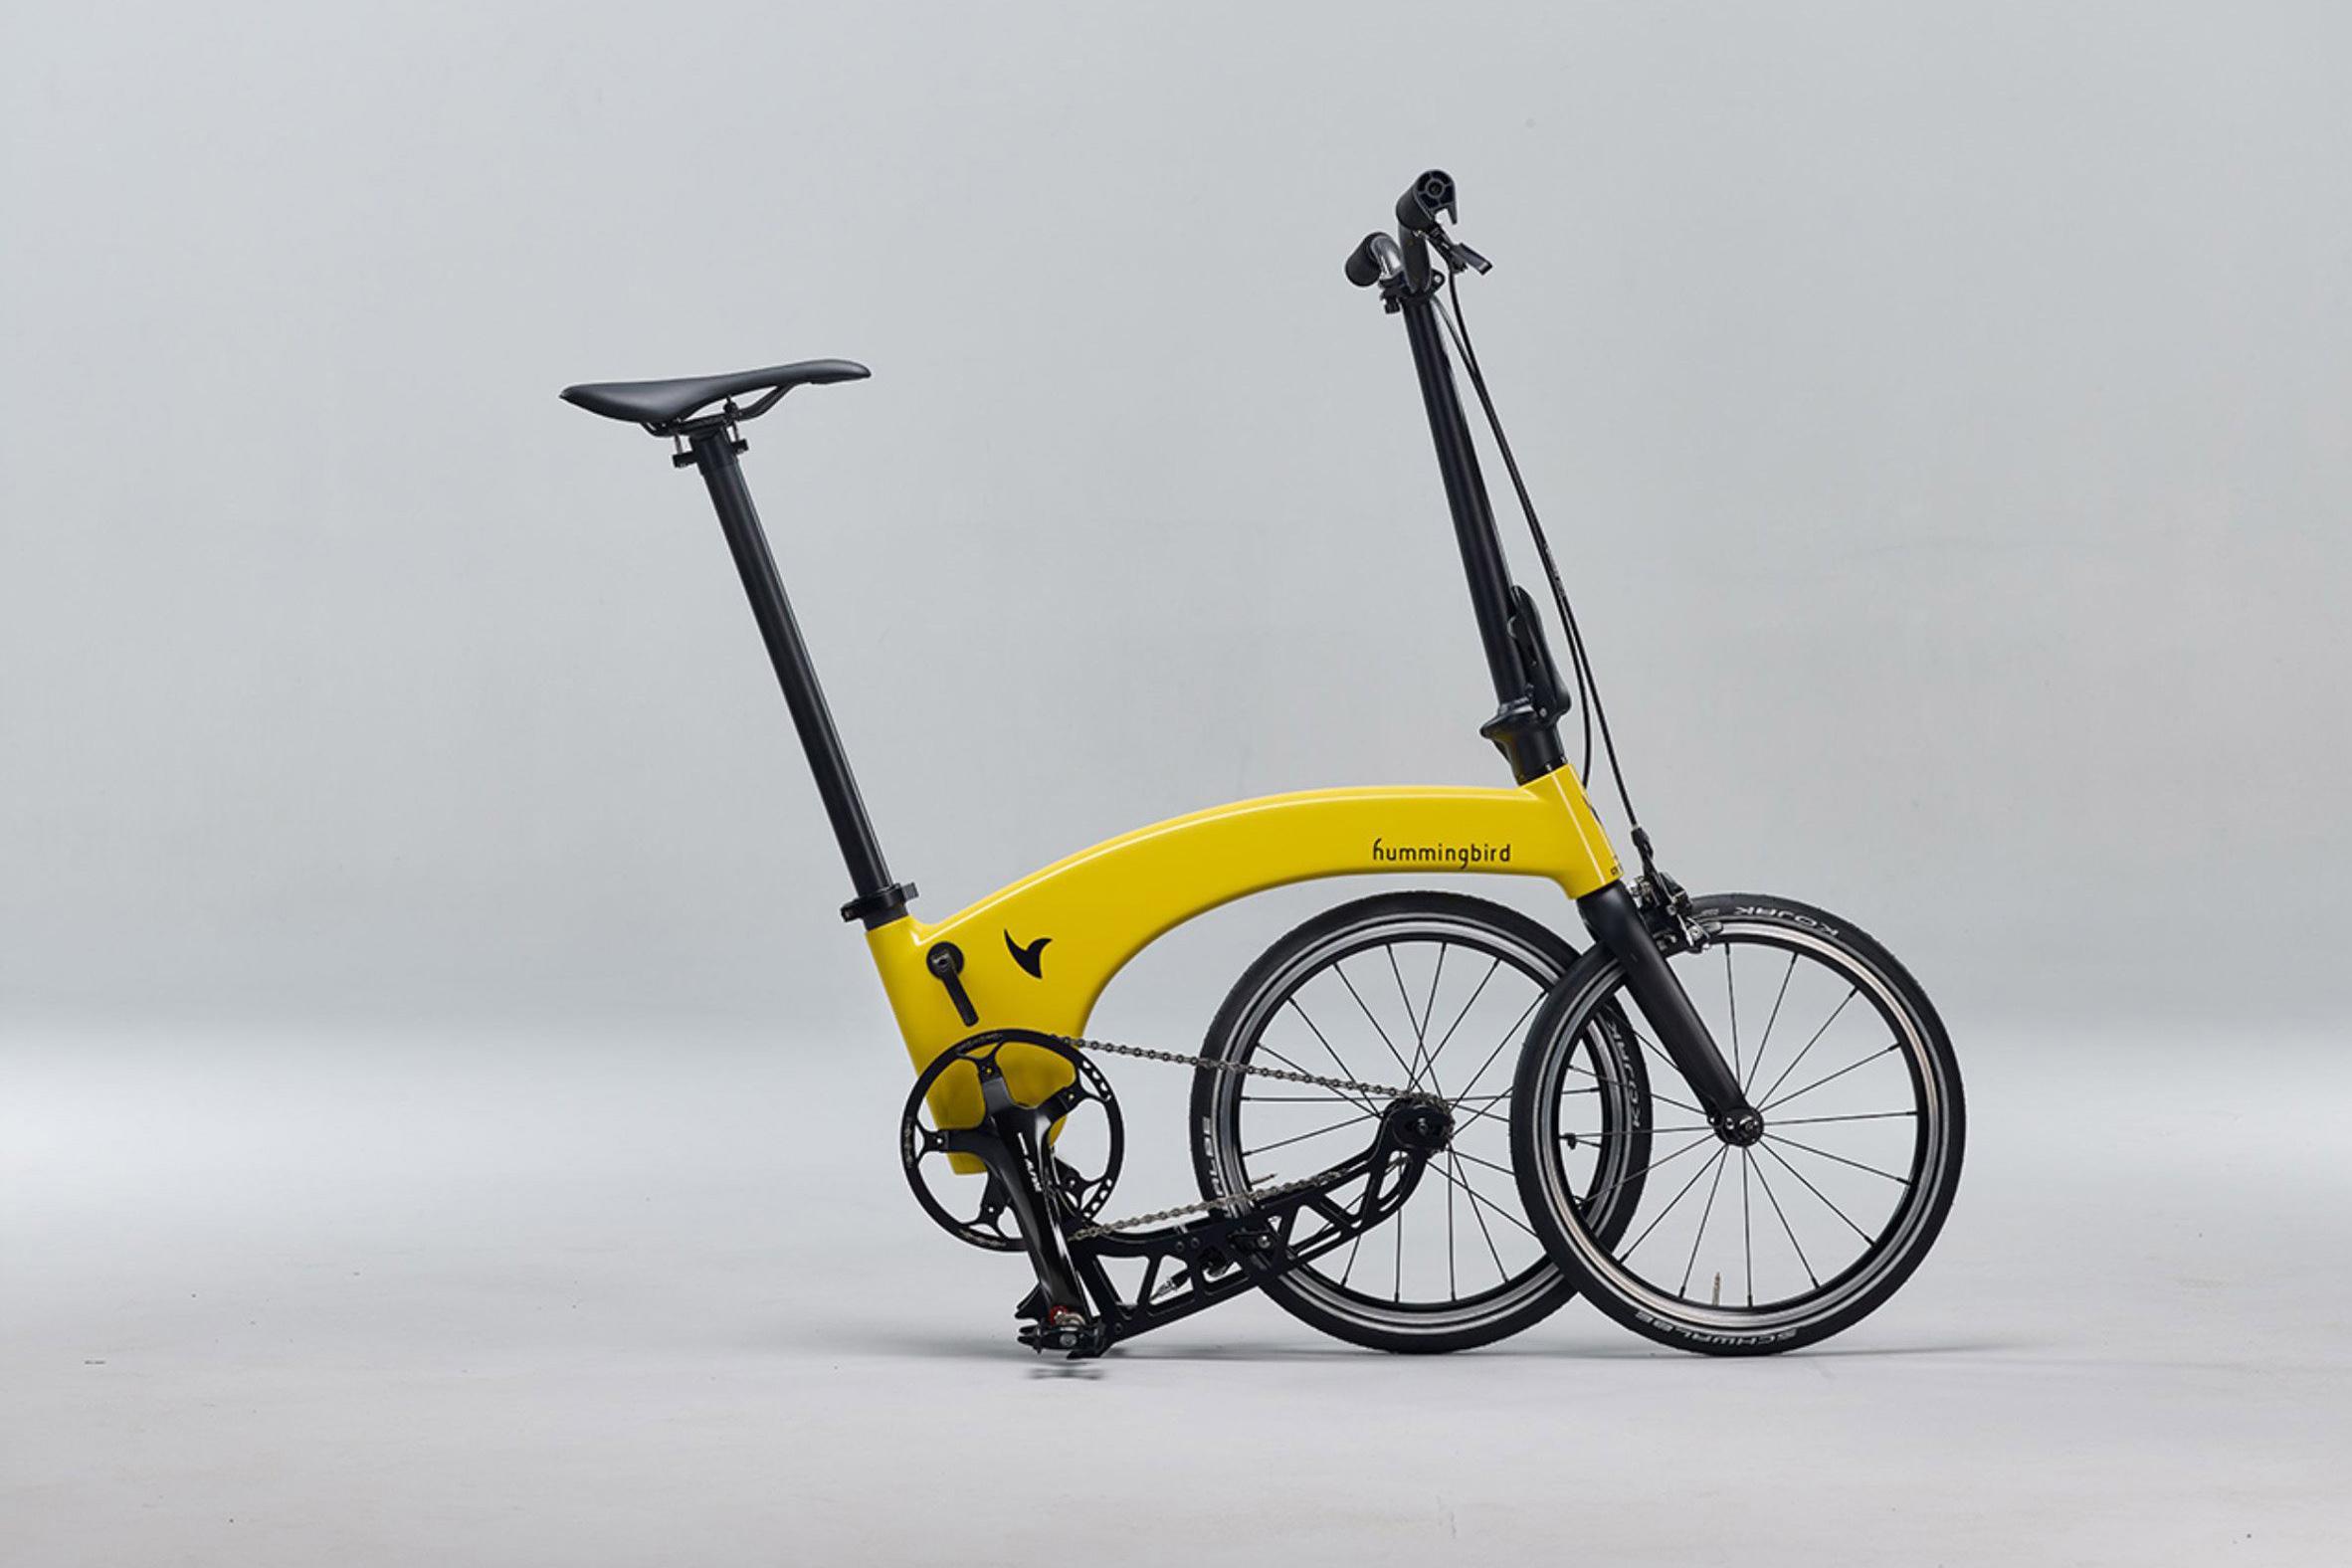 hummingbird-bike-in-production-design_dezeen_2364_col_8.jpg